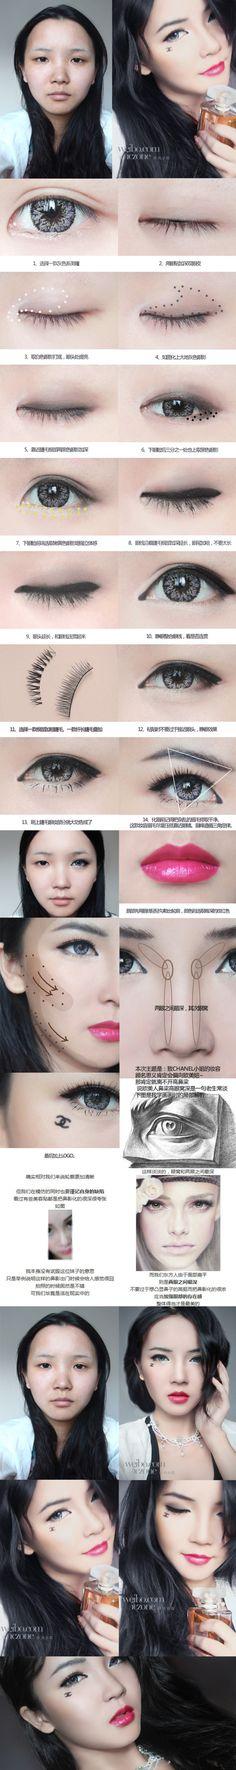 化妆是强大的艺术啊